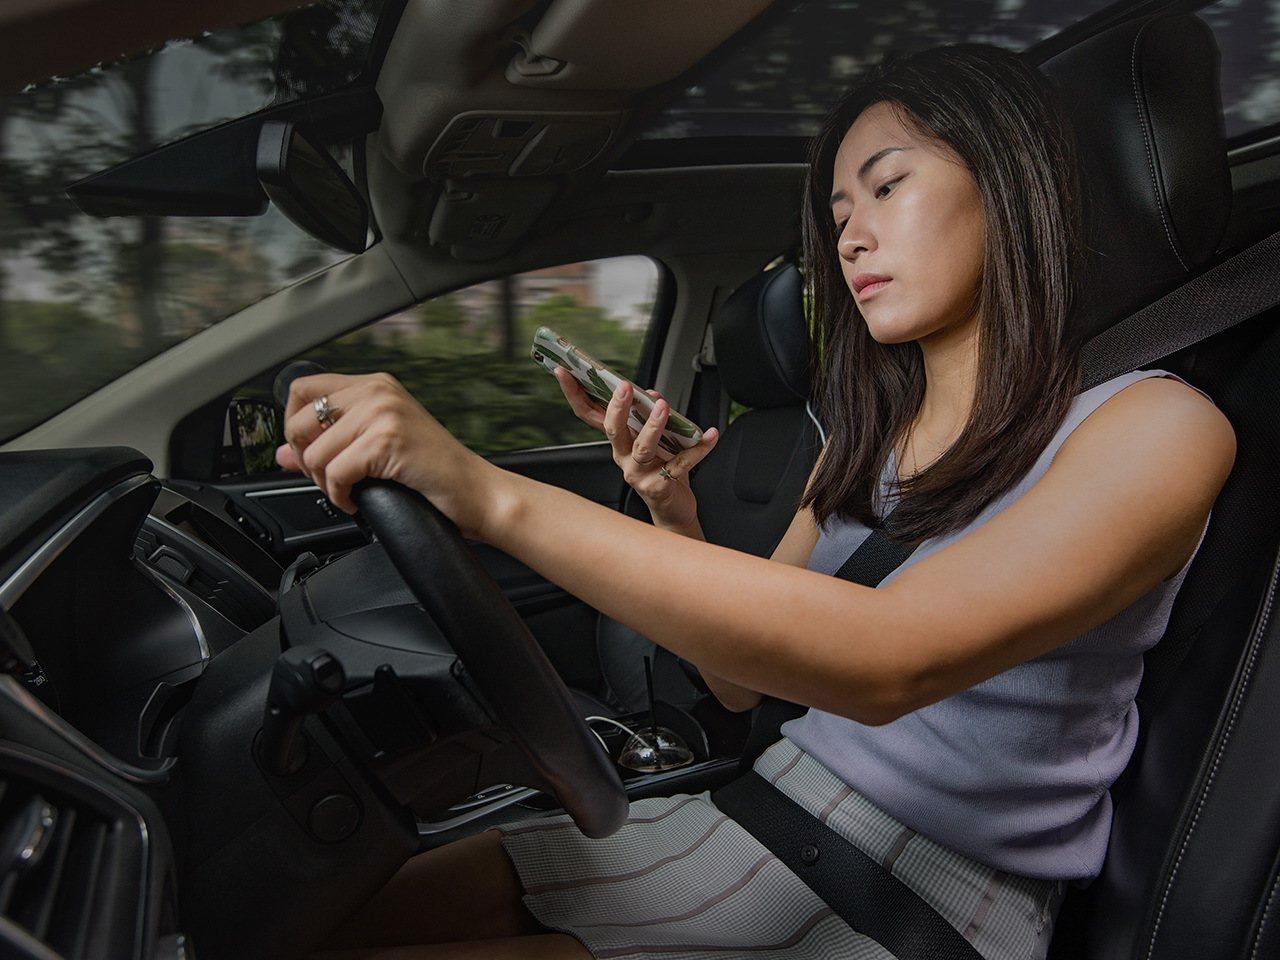 開車時切記不要分心使用手機。圖/福特六和提供